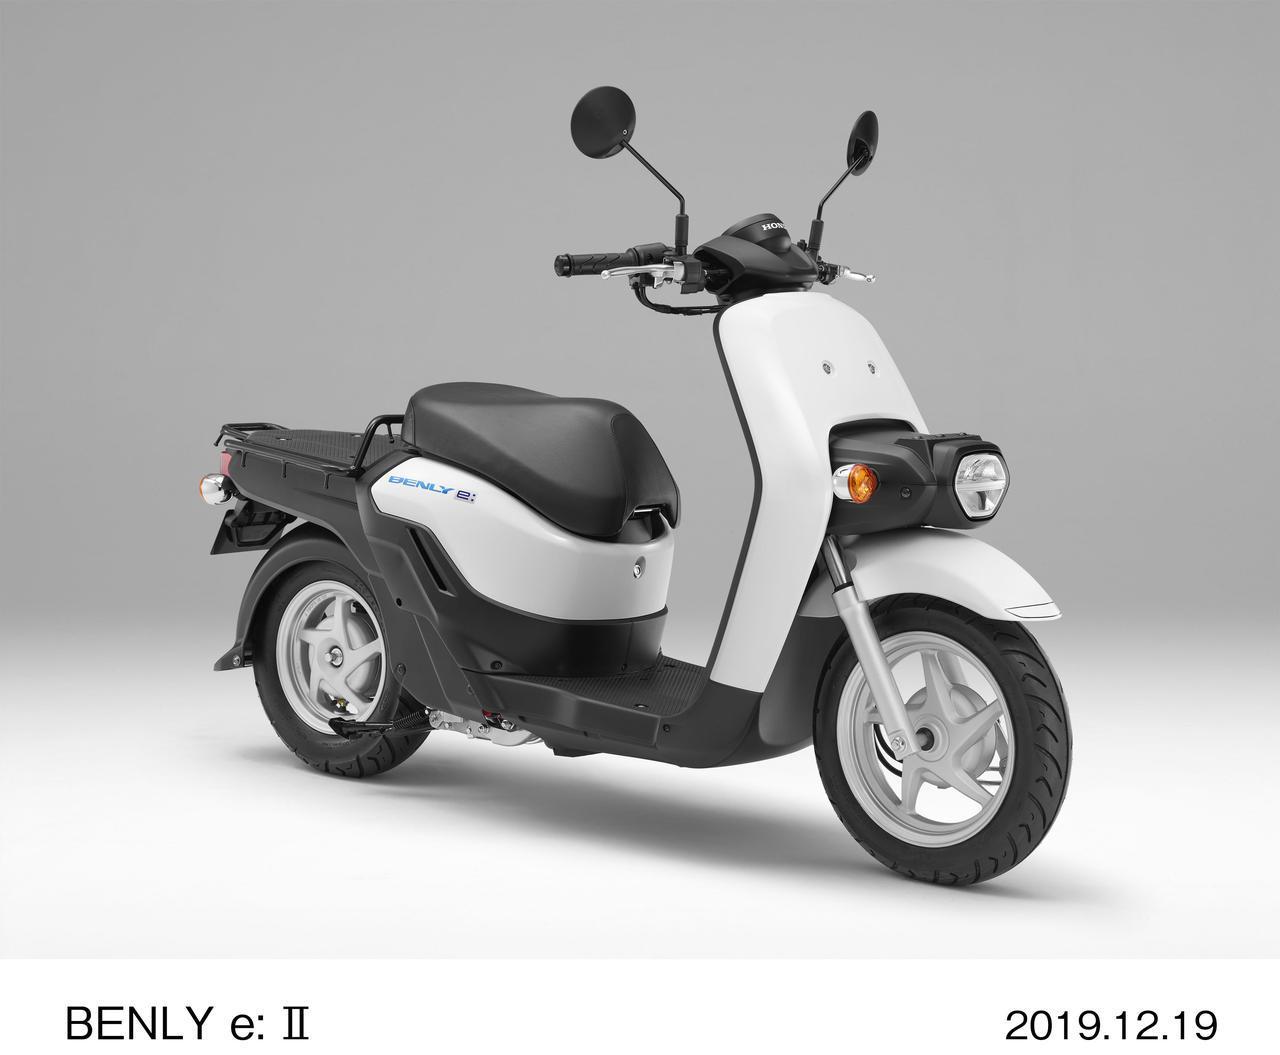 画像5: 【ホンダ】電動バイク「BENLY e:」シリーズの価格が決定! 原付二種相当の「BENLY e: Ⅱ」や〈プロ〉仕様車も同時発表